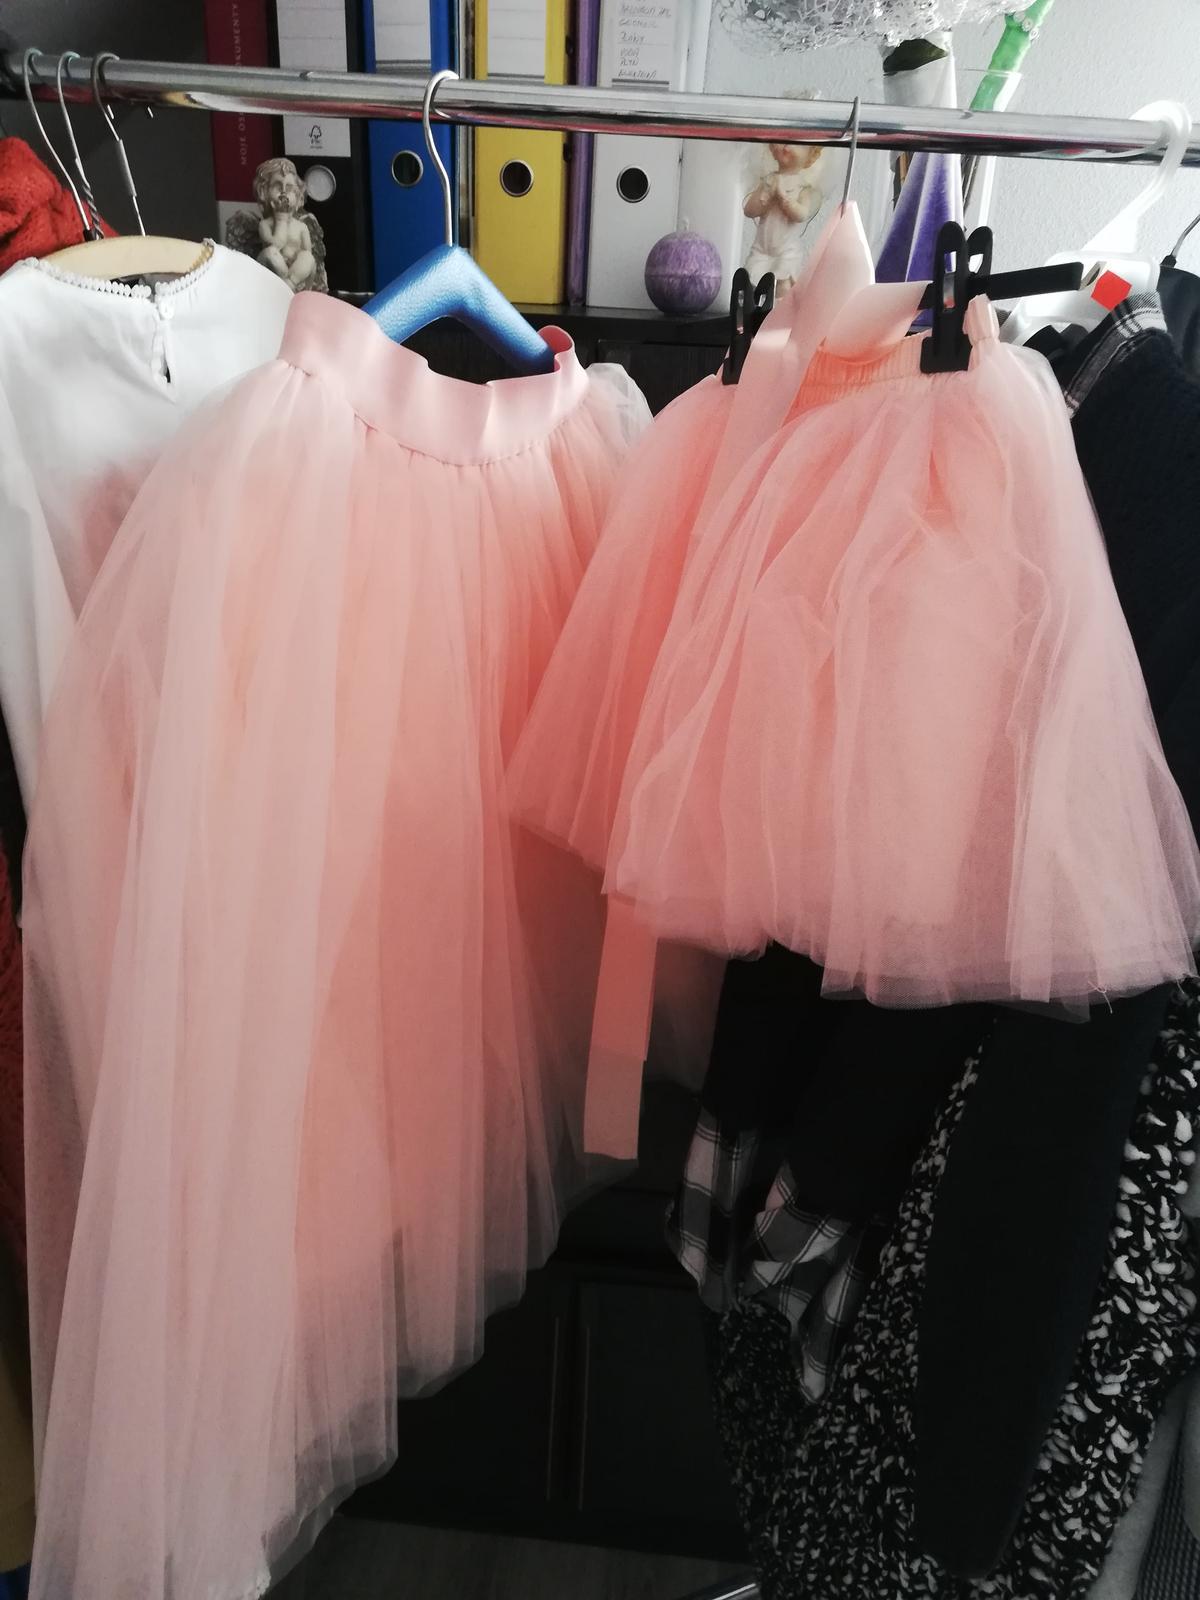 Príprava na náš VELKÝ DEŇ - Sukničky pre družičky malé aj veľké 😍